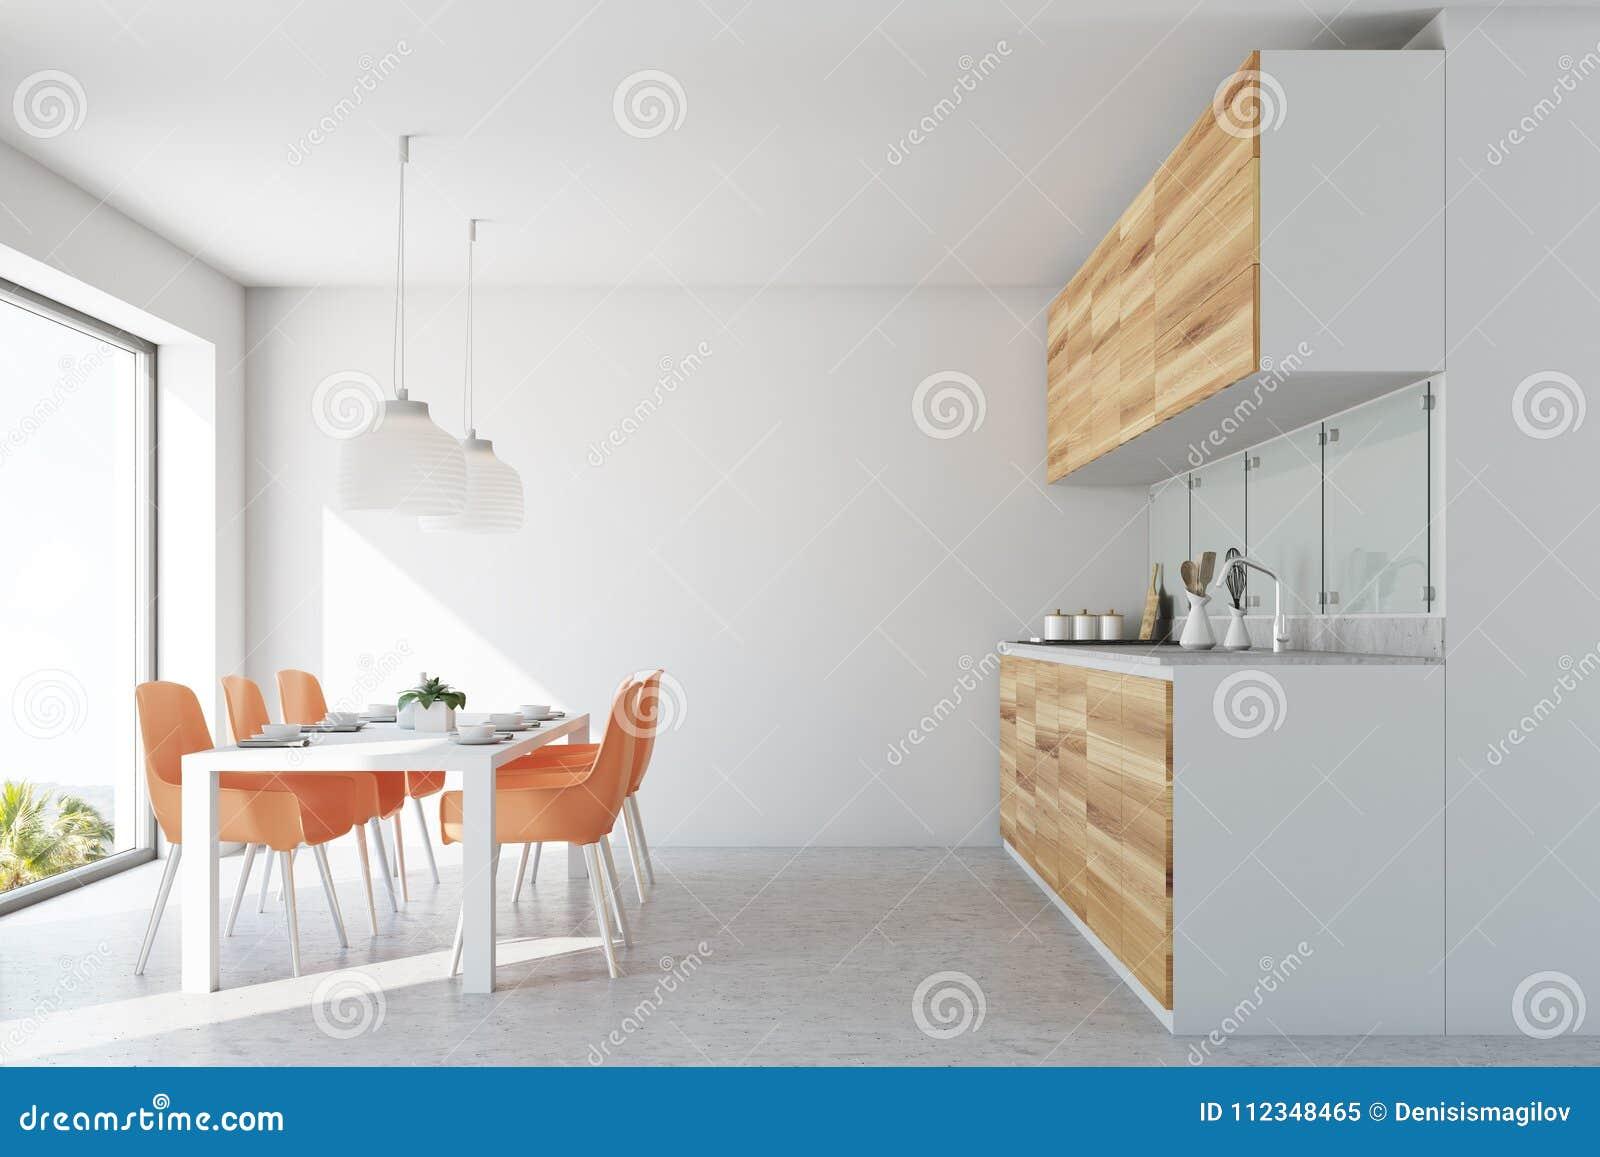 Eetkamer Van Oranje : Witte eetkamer en keuken oranje stoelen stock illustratie